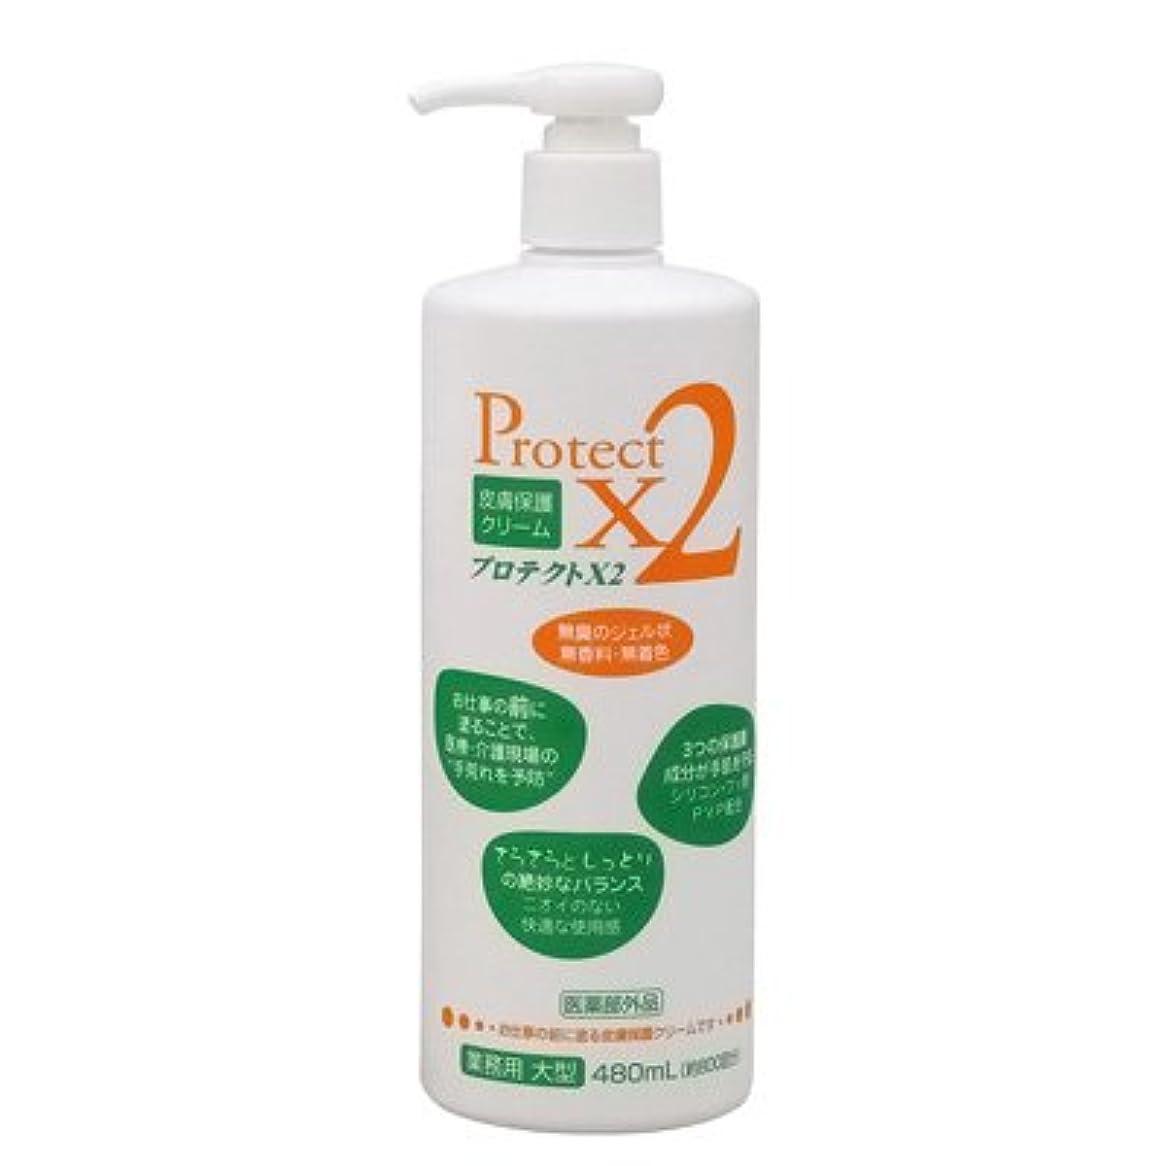 きつくおとこ診療所皮膚保護クリーム プロテクトX2 480ml(大型)